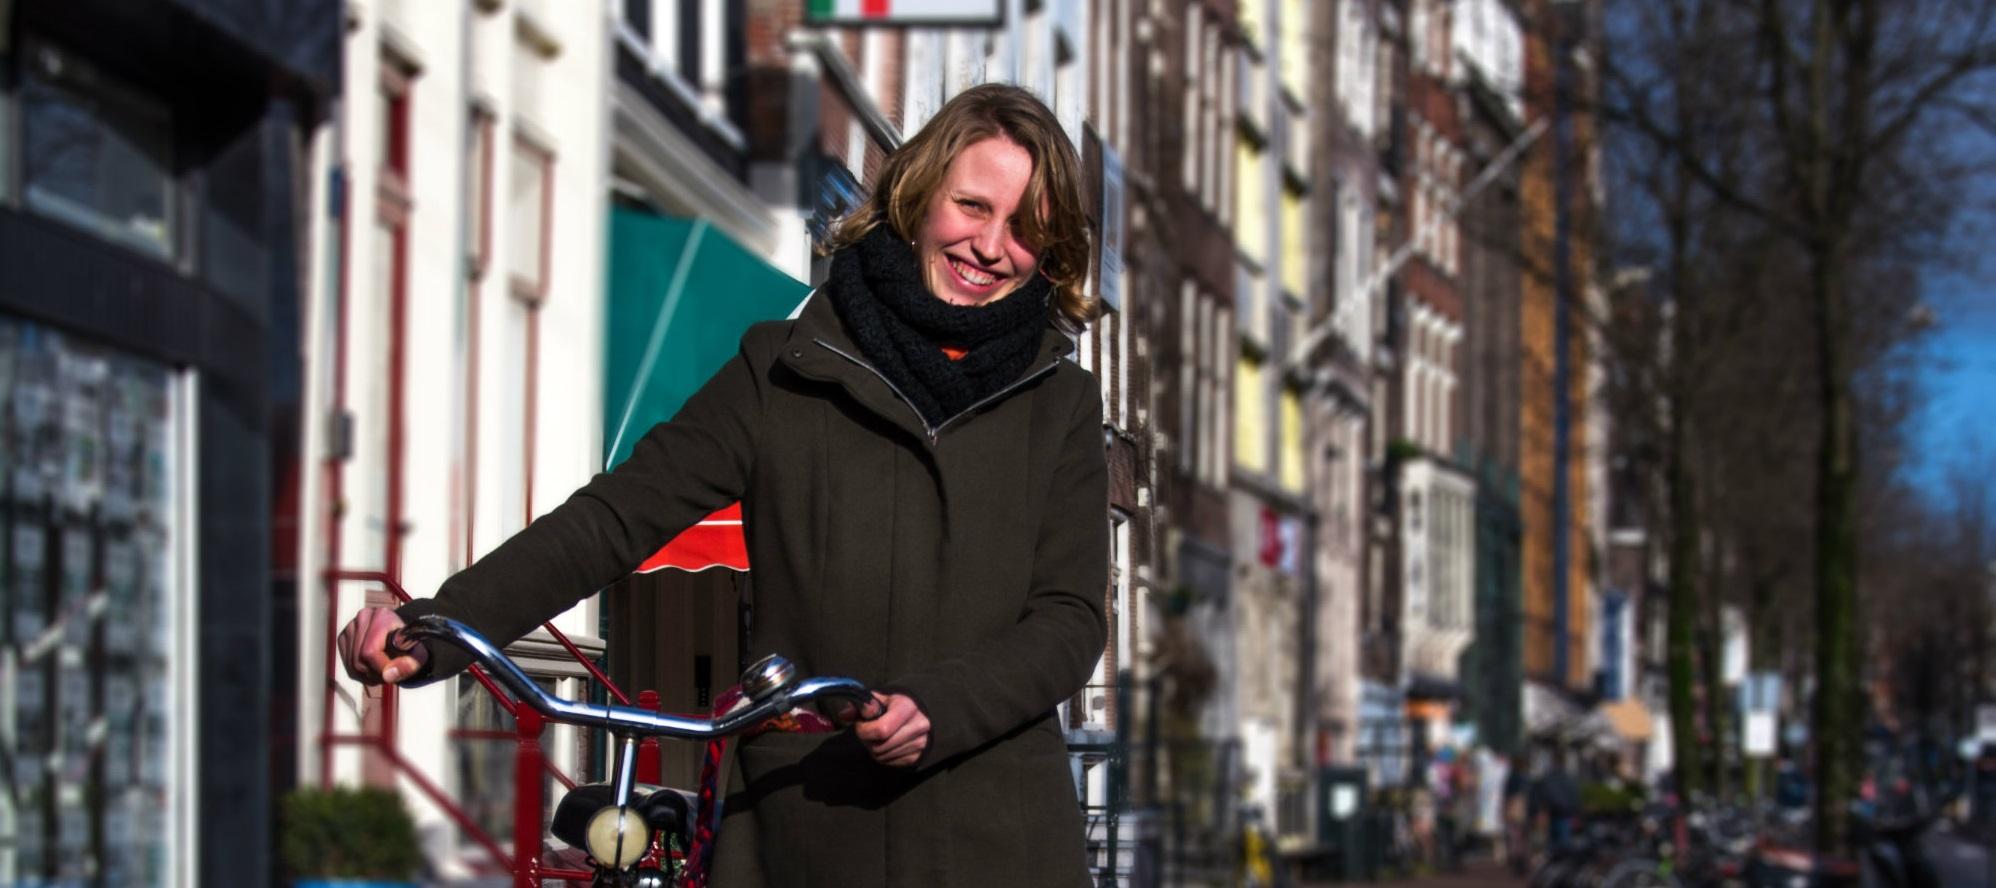 Liset Meddens (Fossielvrij NL)